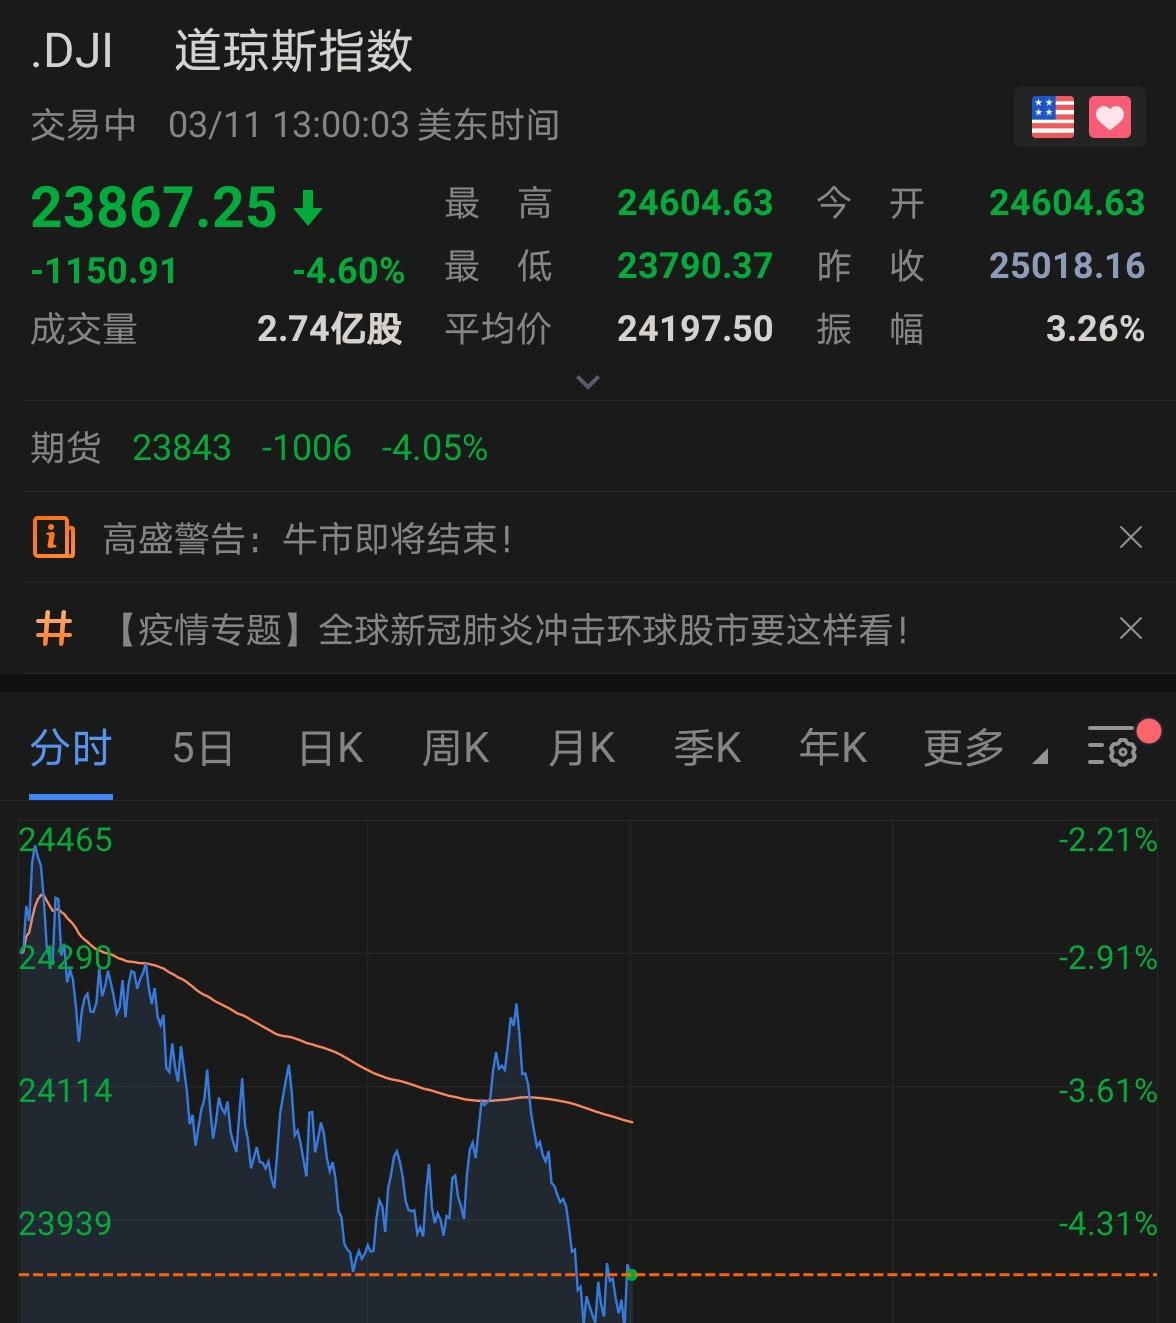 美股继续巨震!道指一度跌超1200点